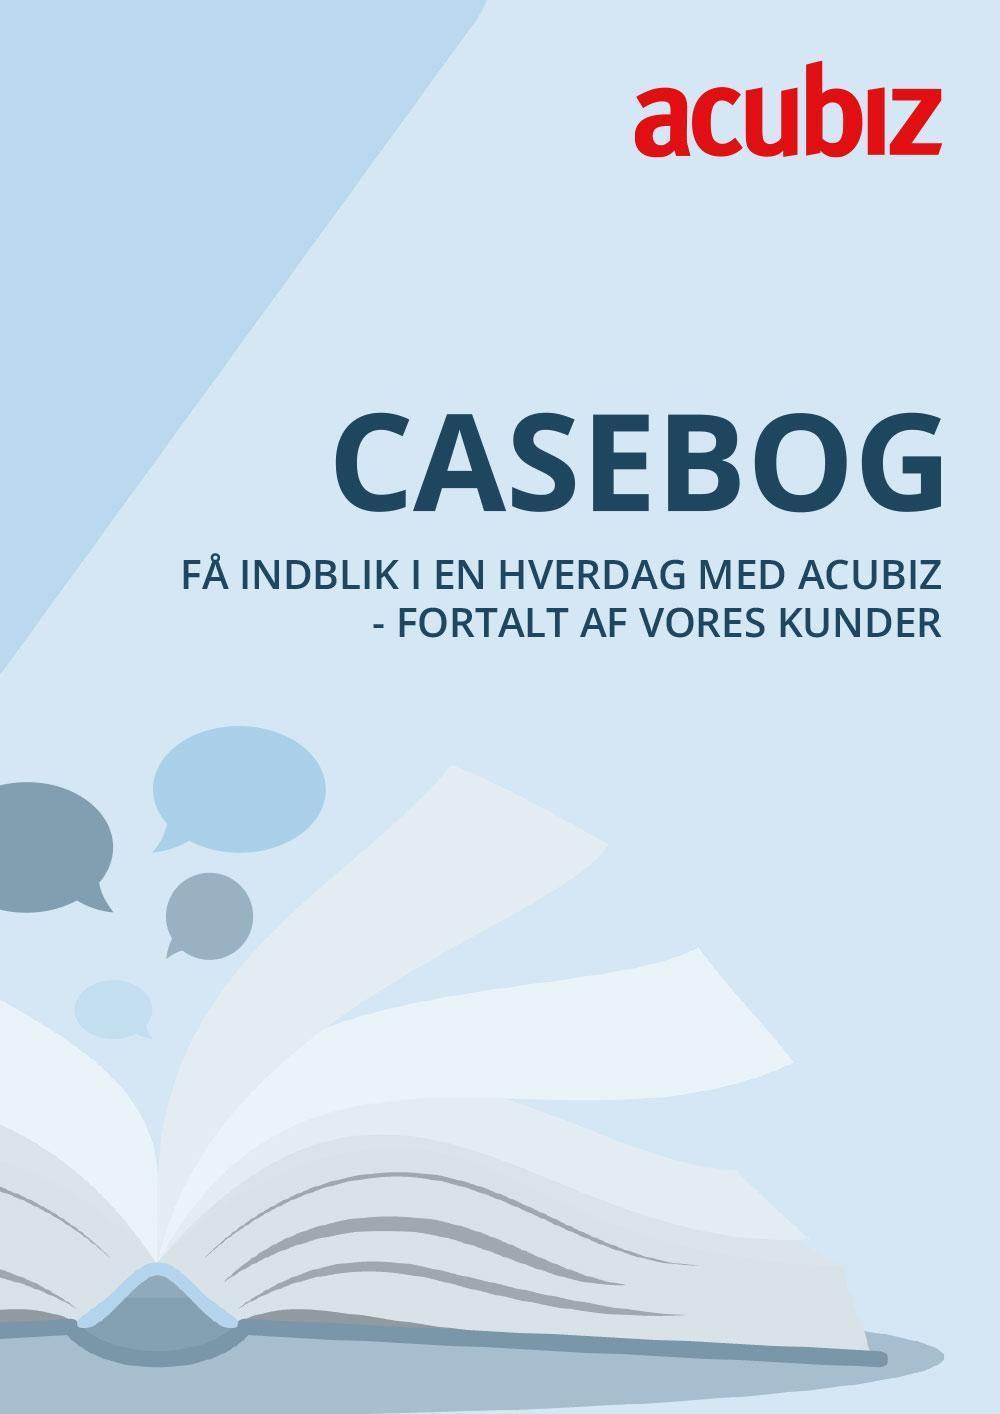 Acubiz Casebog